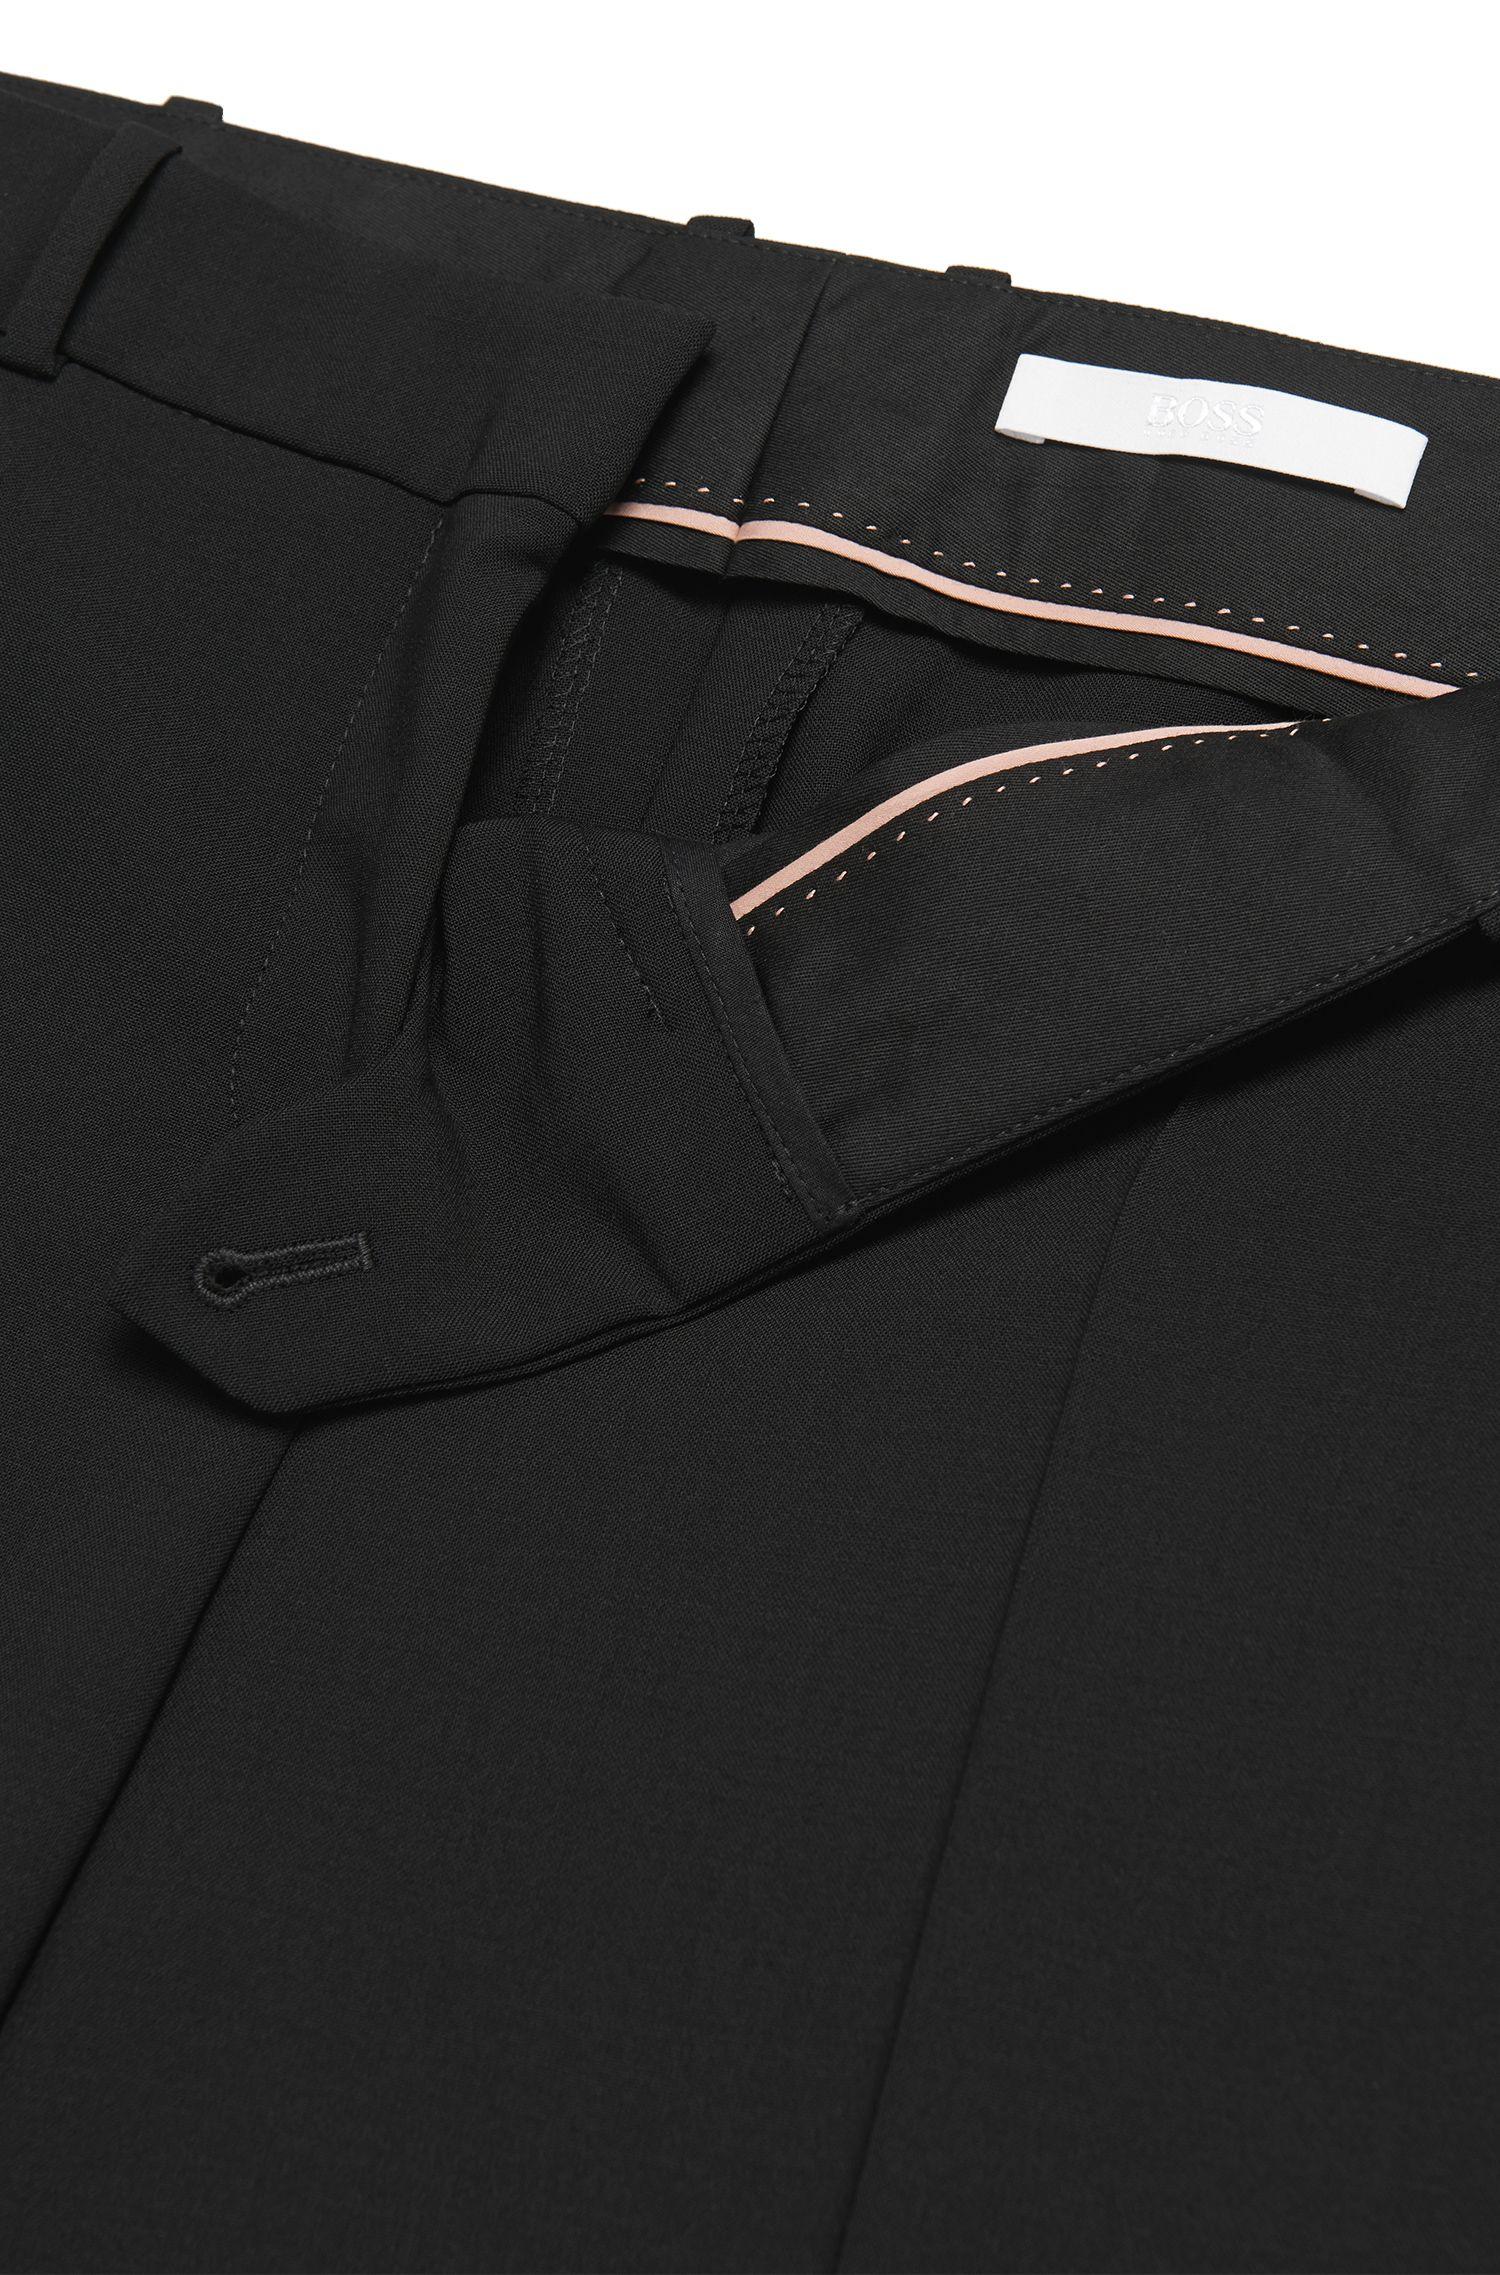 Pantalon coupe bootcut avec détail en métal